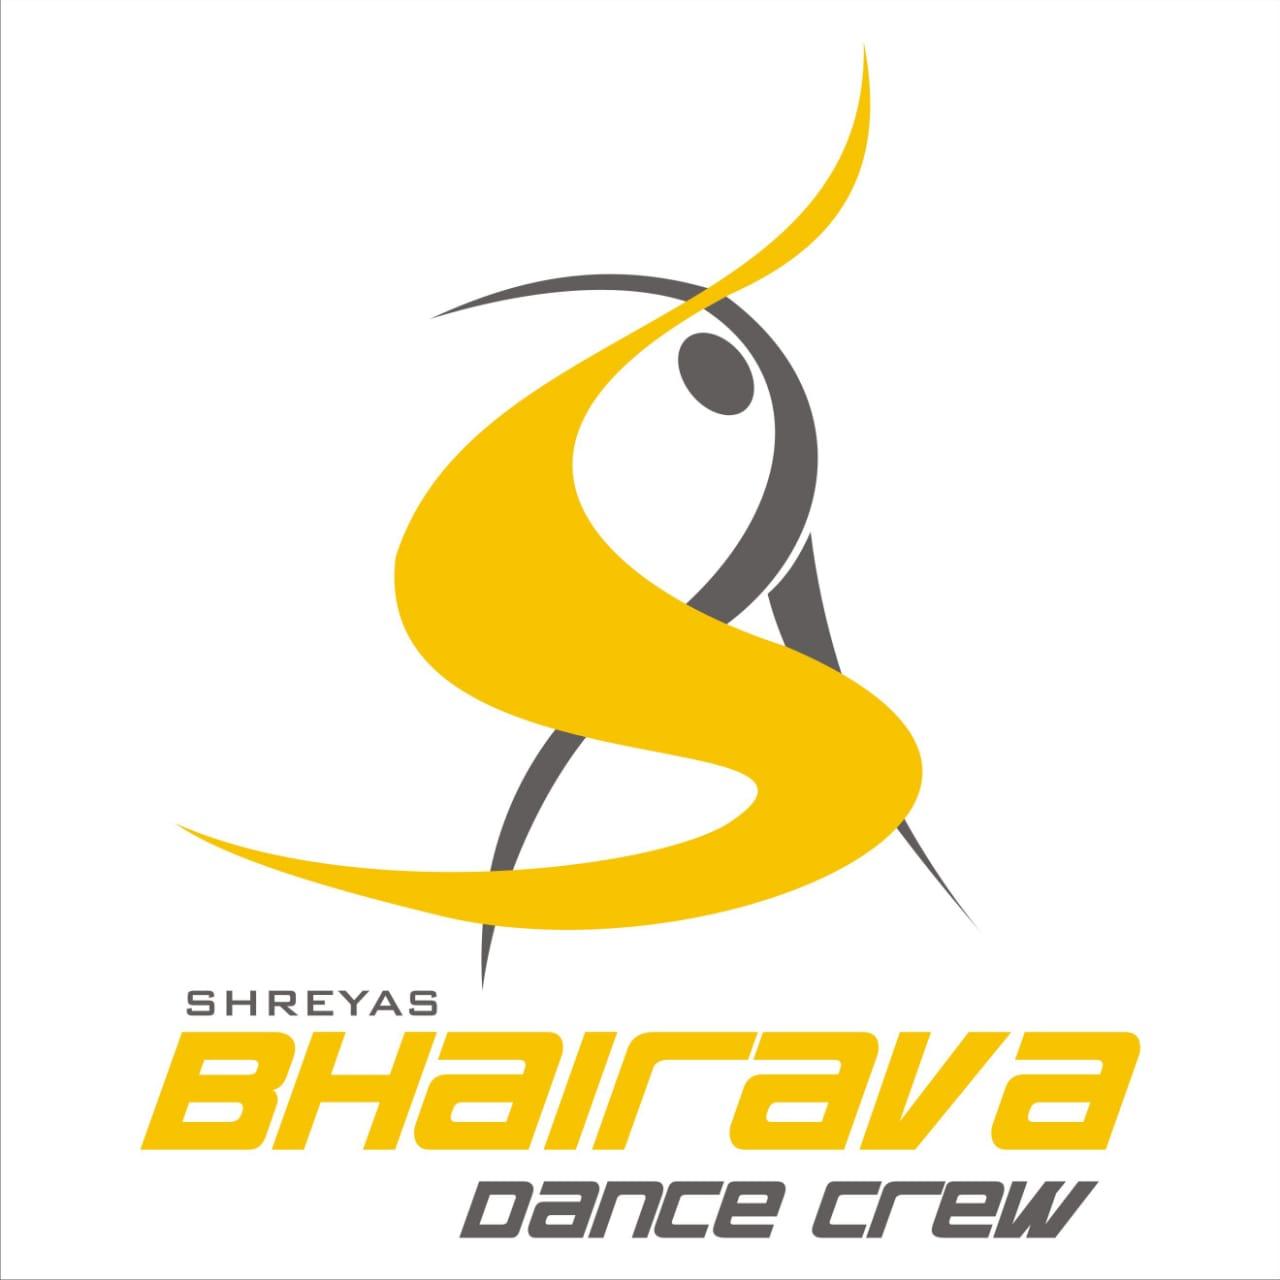 Shreyas Bhairava Dance Crew